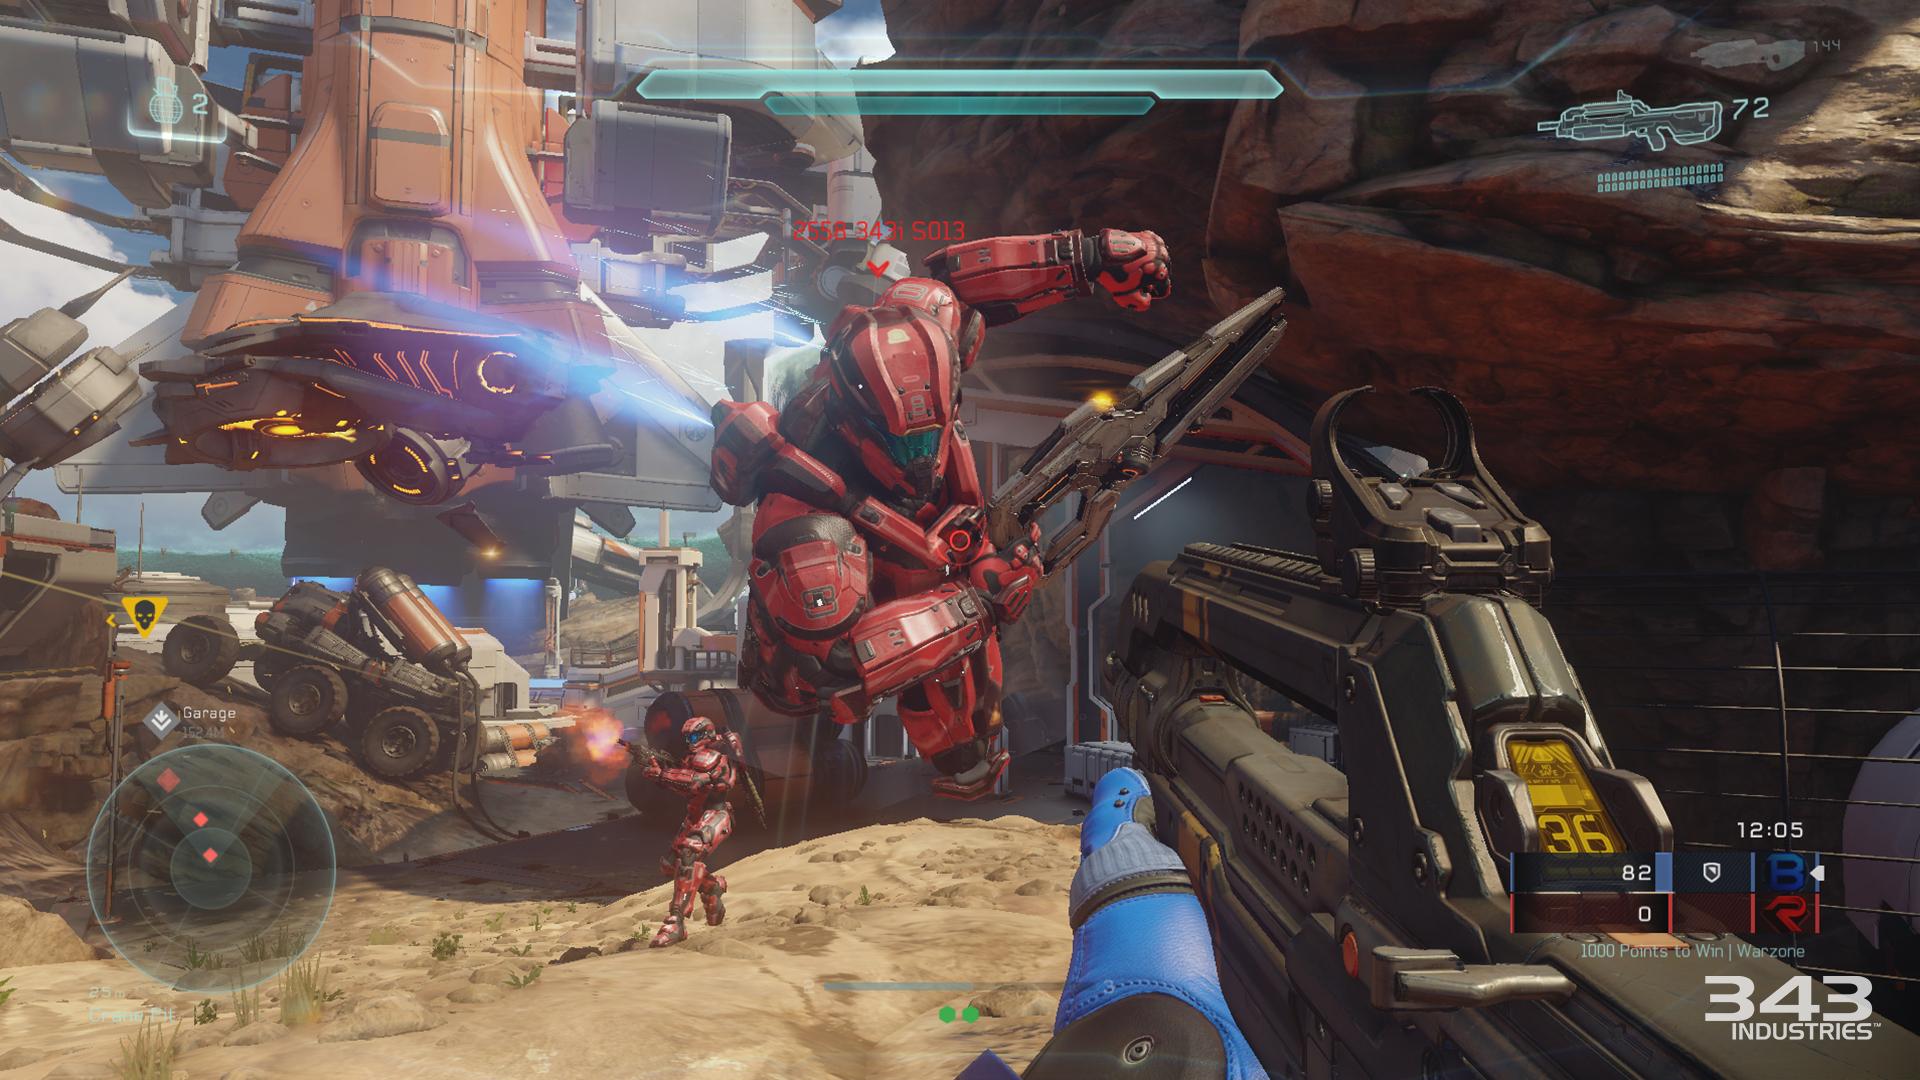 XBOX series X : la Xbox next gen dévoilée ! - Page 32 Halo-5-Guardians-E3-2015-Warzone-05